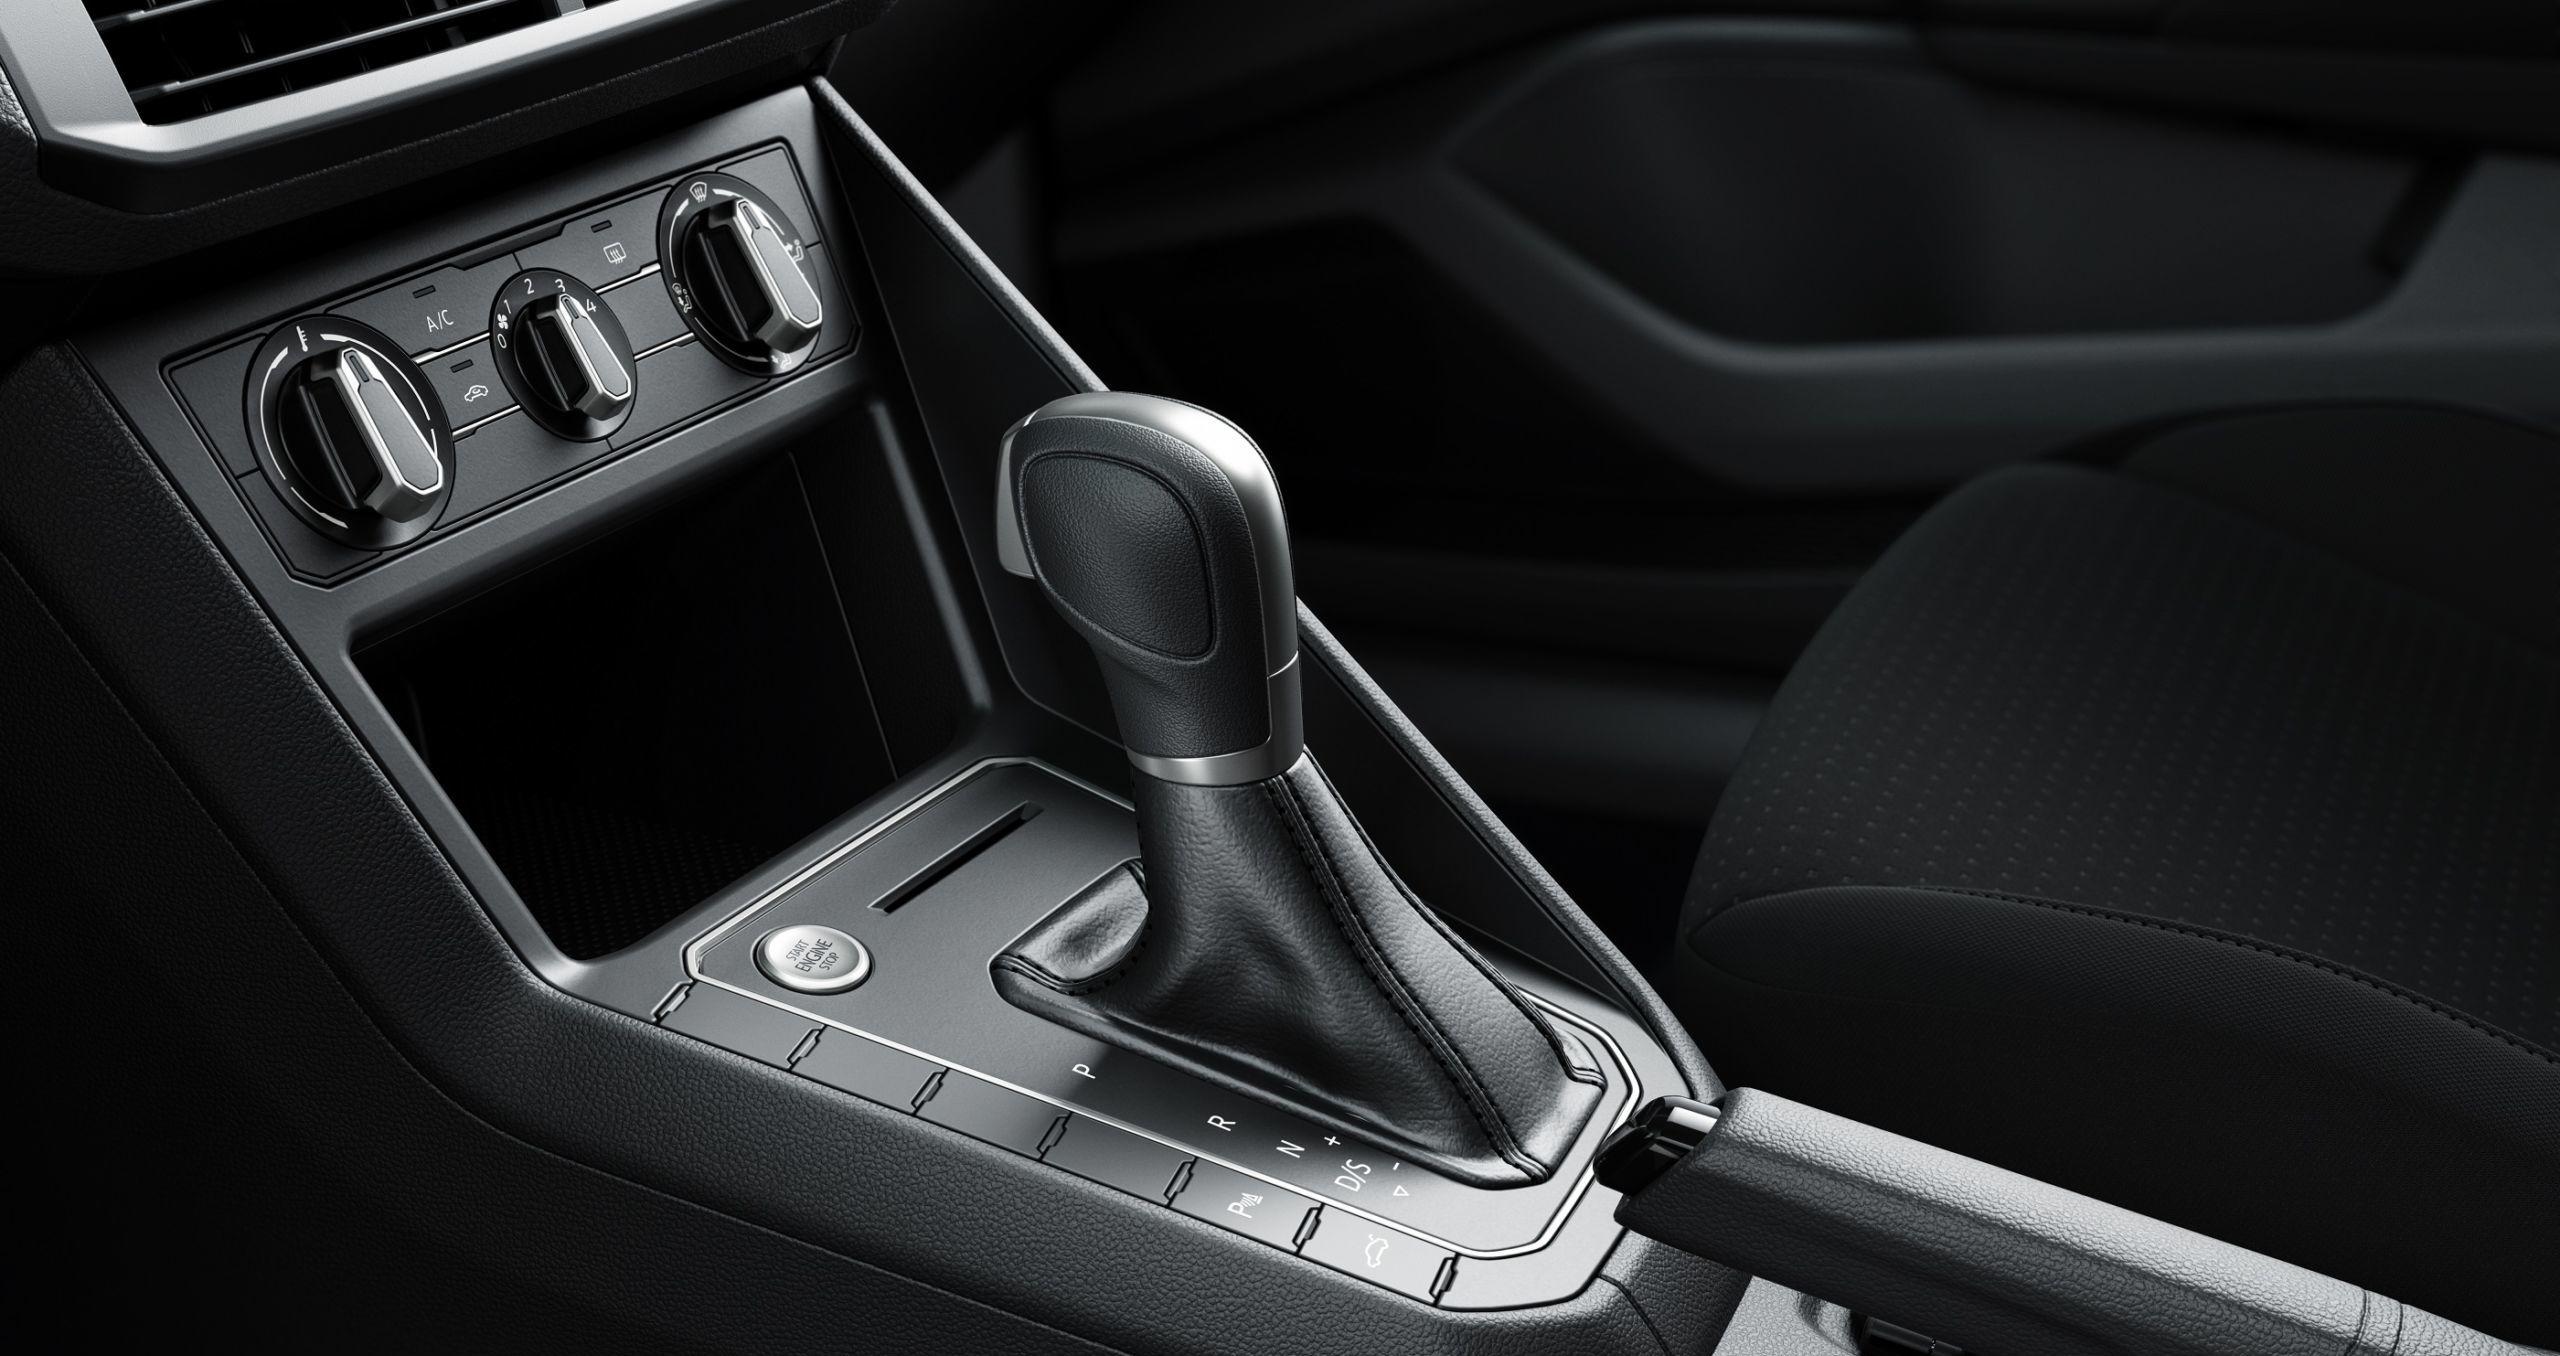 Carros, vans e utilitários com câmbio semi-automático ...